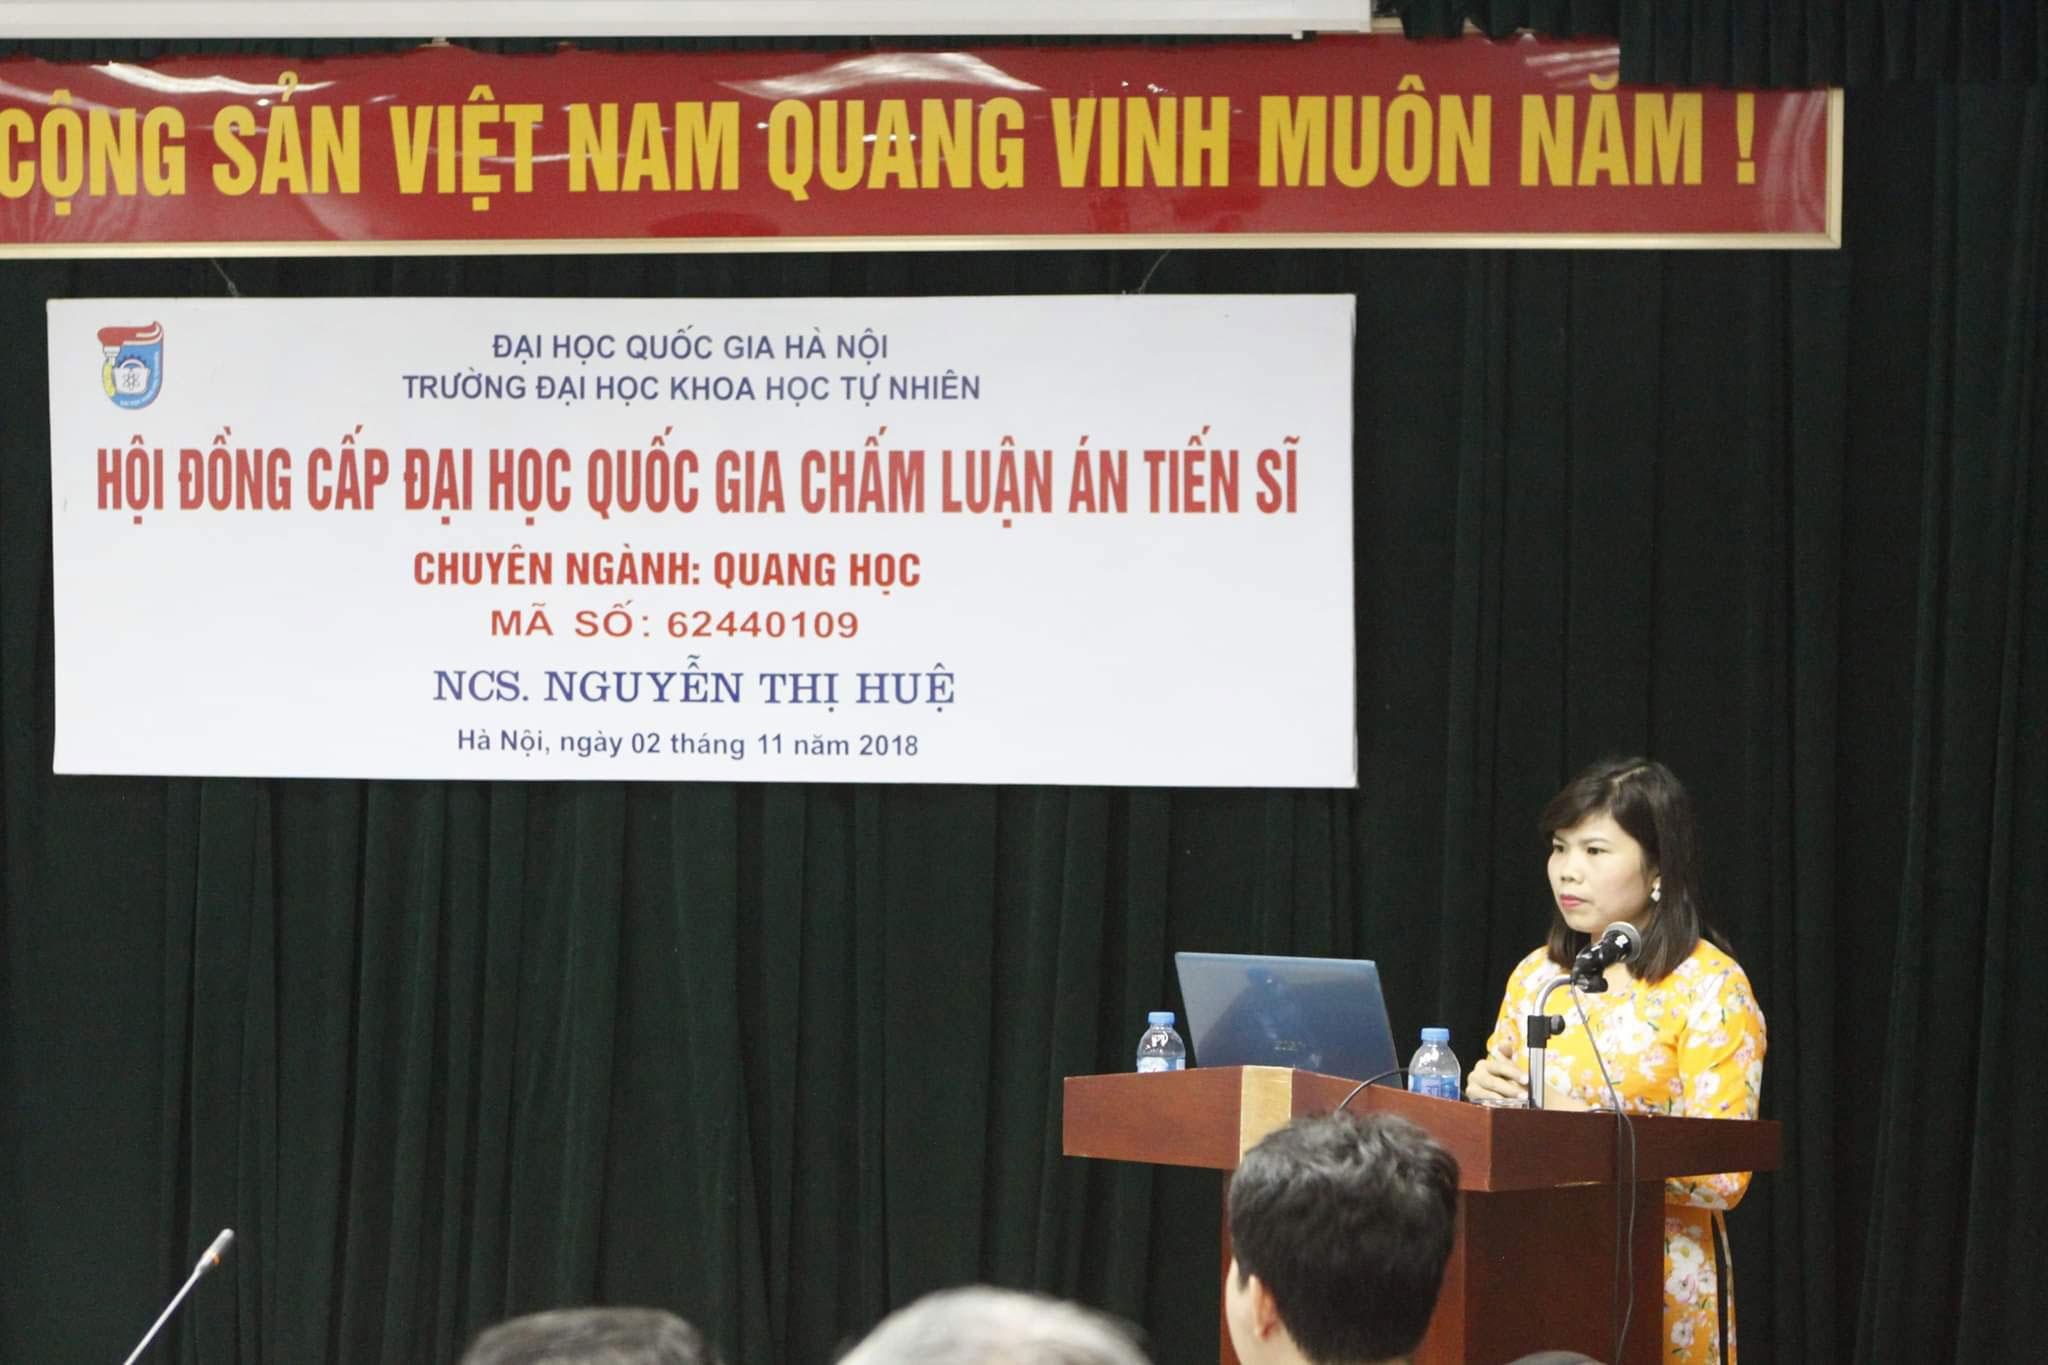 Nghien cuu sinh Nguyen Thi Hue bao ve thanh cong luan an Tien si